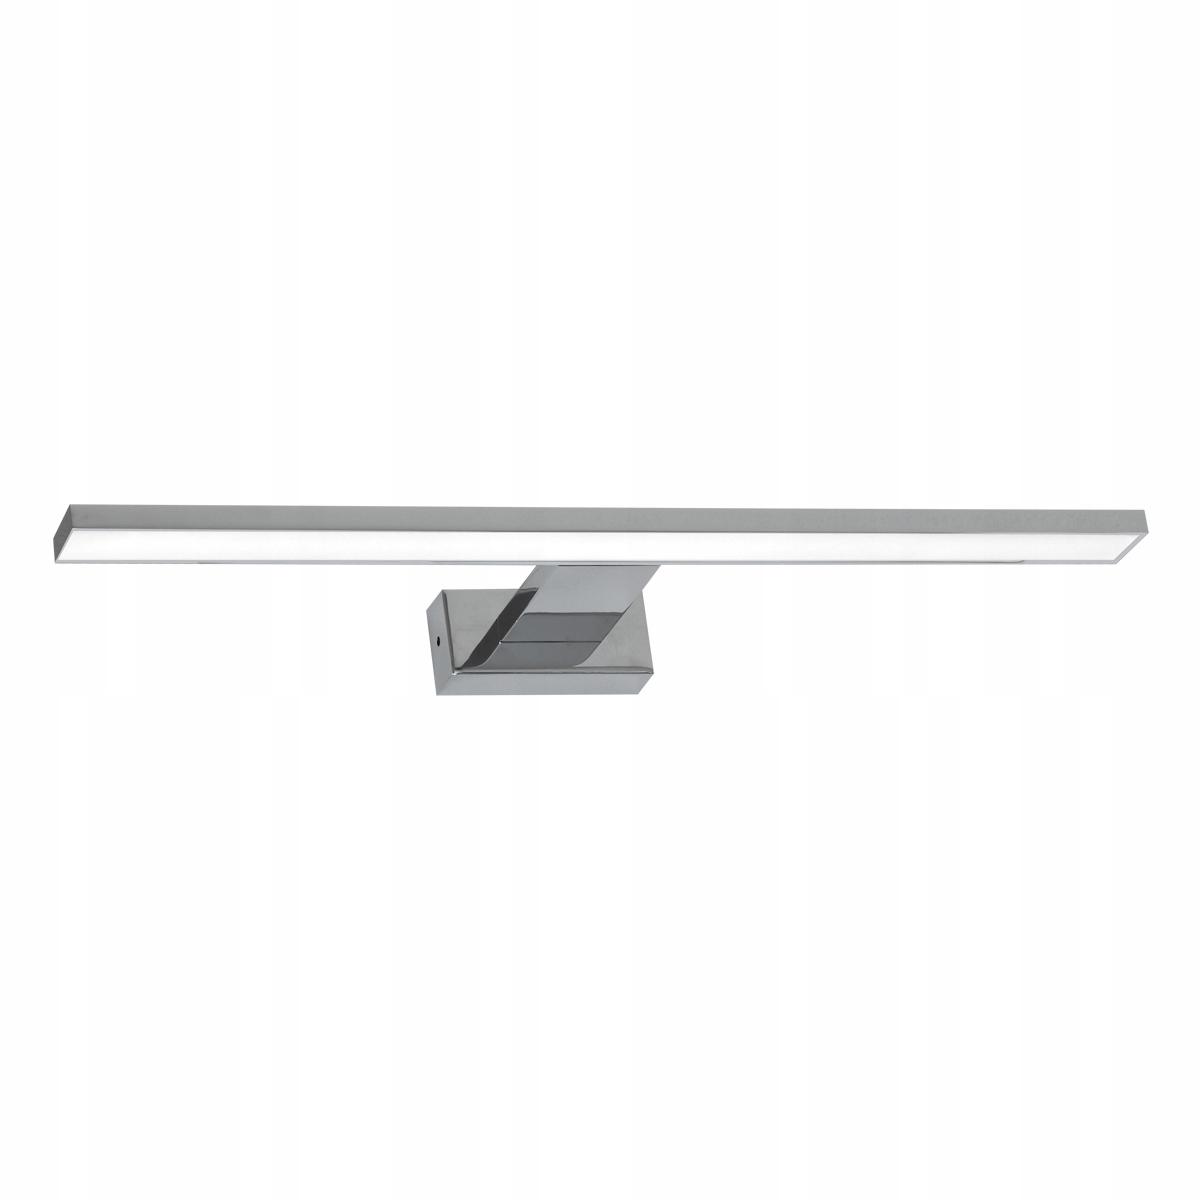 Sconces pre kúpeľňa chrome LED 490 LM farba neutrálna